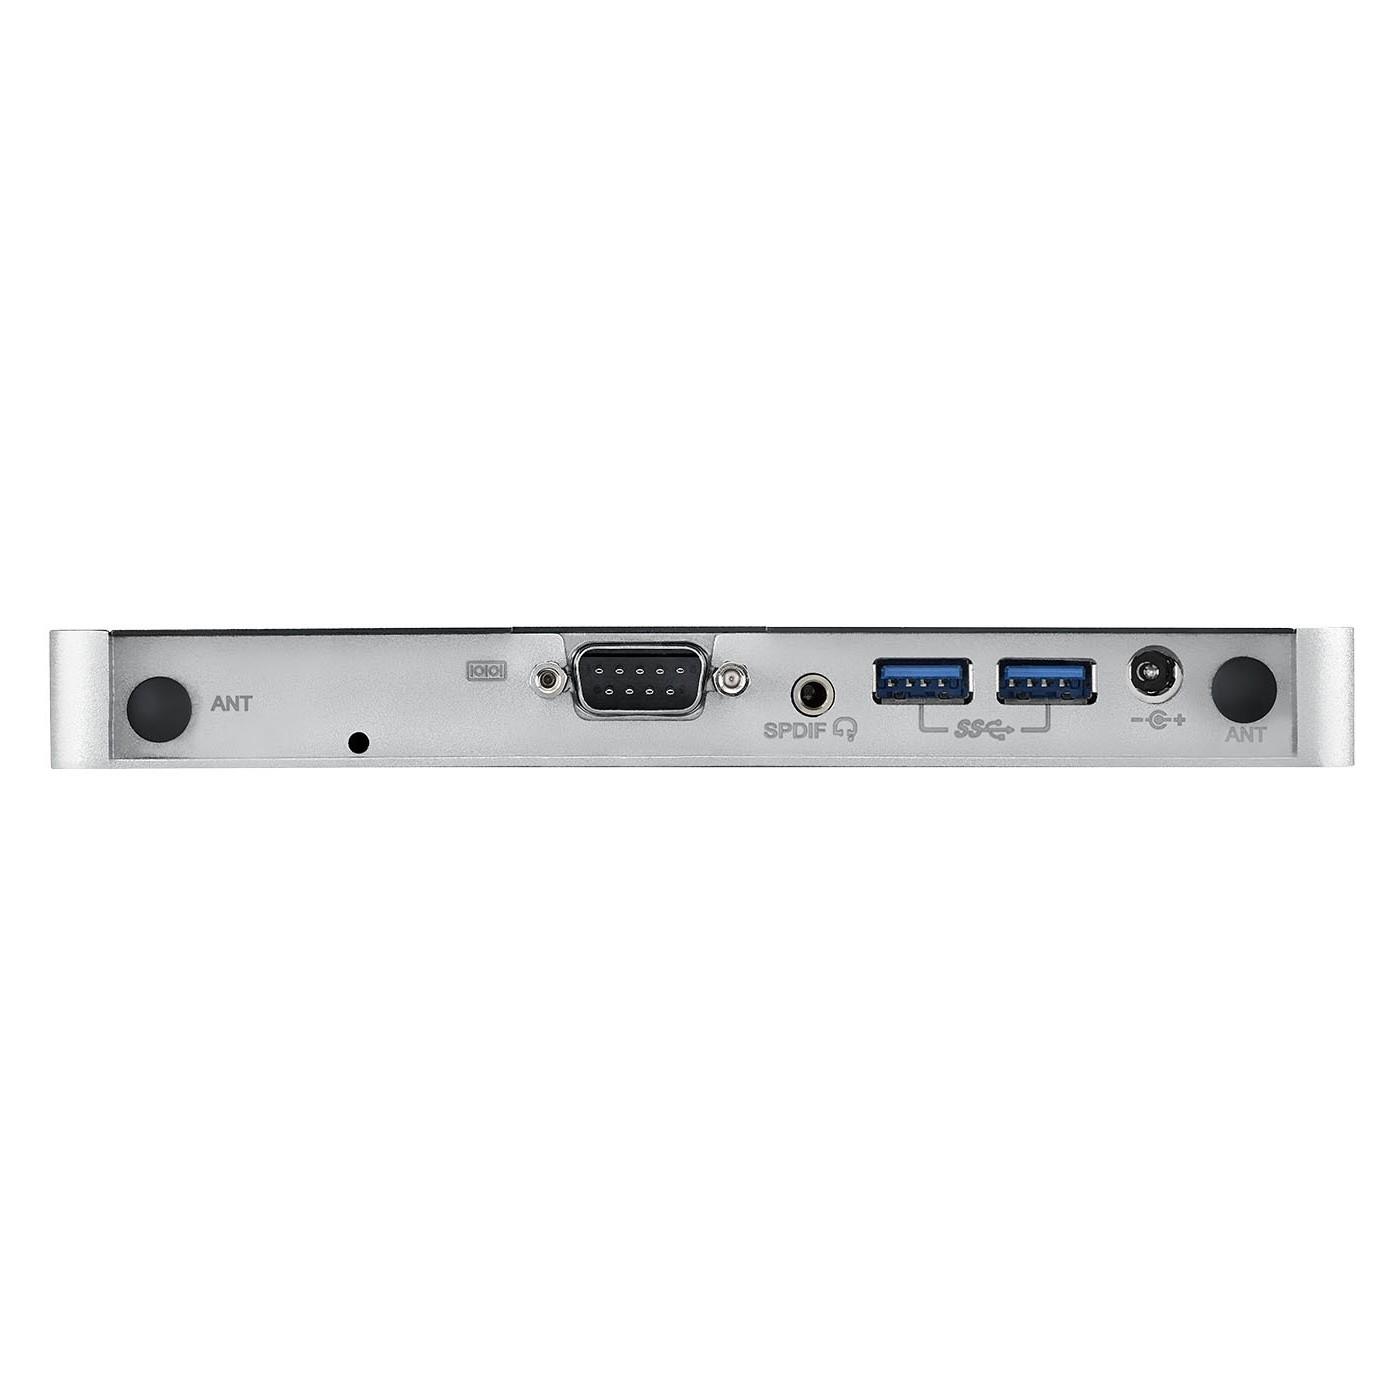 DS-081GB-U4A1E